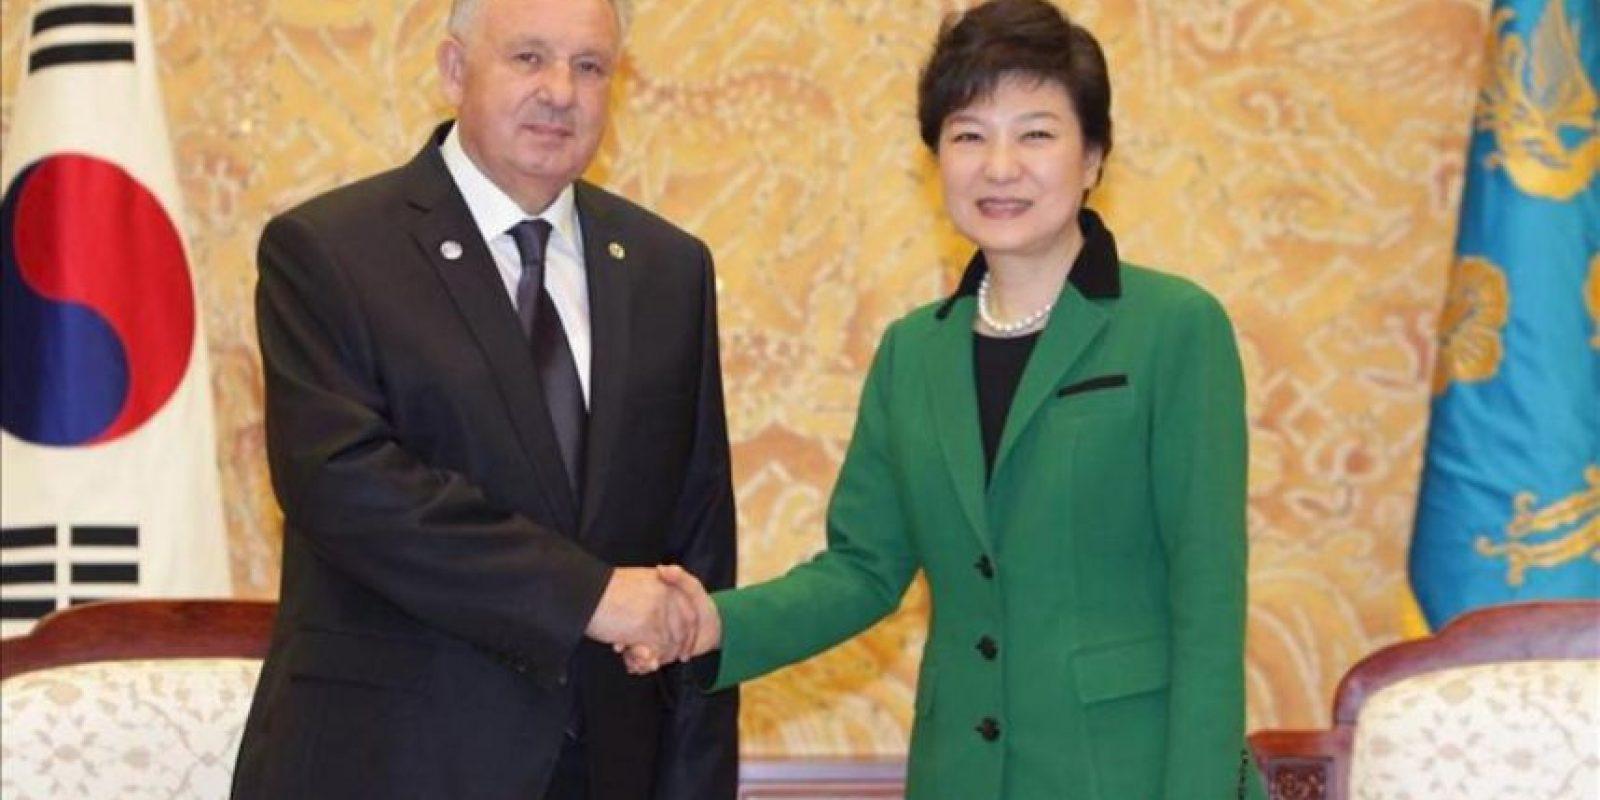 La presidenta surcoreana, Park Geun-hye (d), se reúne hoy con el ministro ruso para el desarrollo de Oriente, Victor Ivanovich Ishaev (i), en Seúl. La conservadora Park Geun-hye juró hoy su cargo como presidenta de Corea del Sur para los próximos cinco años en una multitudinaria ceremonia celebrada en el exterior de la Asamblea Nacional (Parlamento) de Seúl. EFE